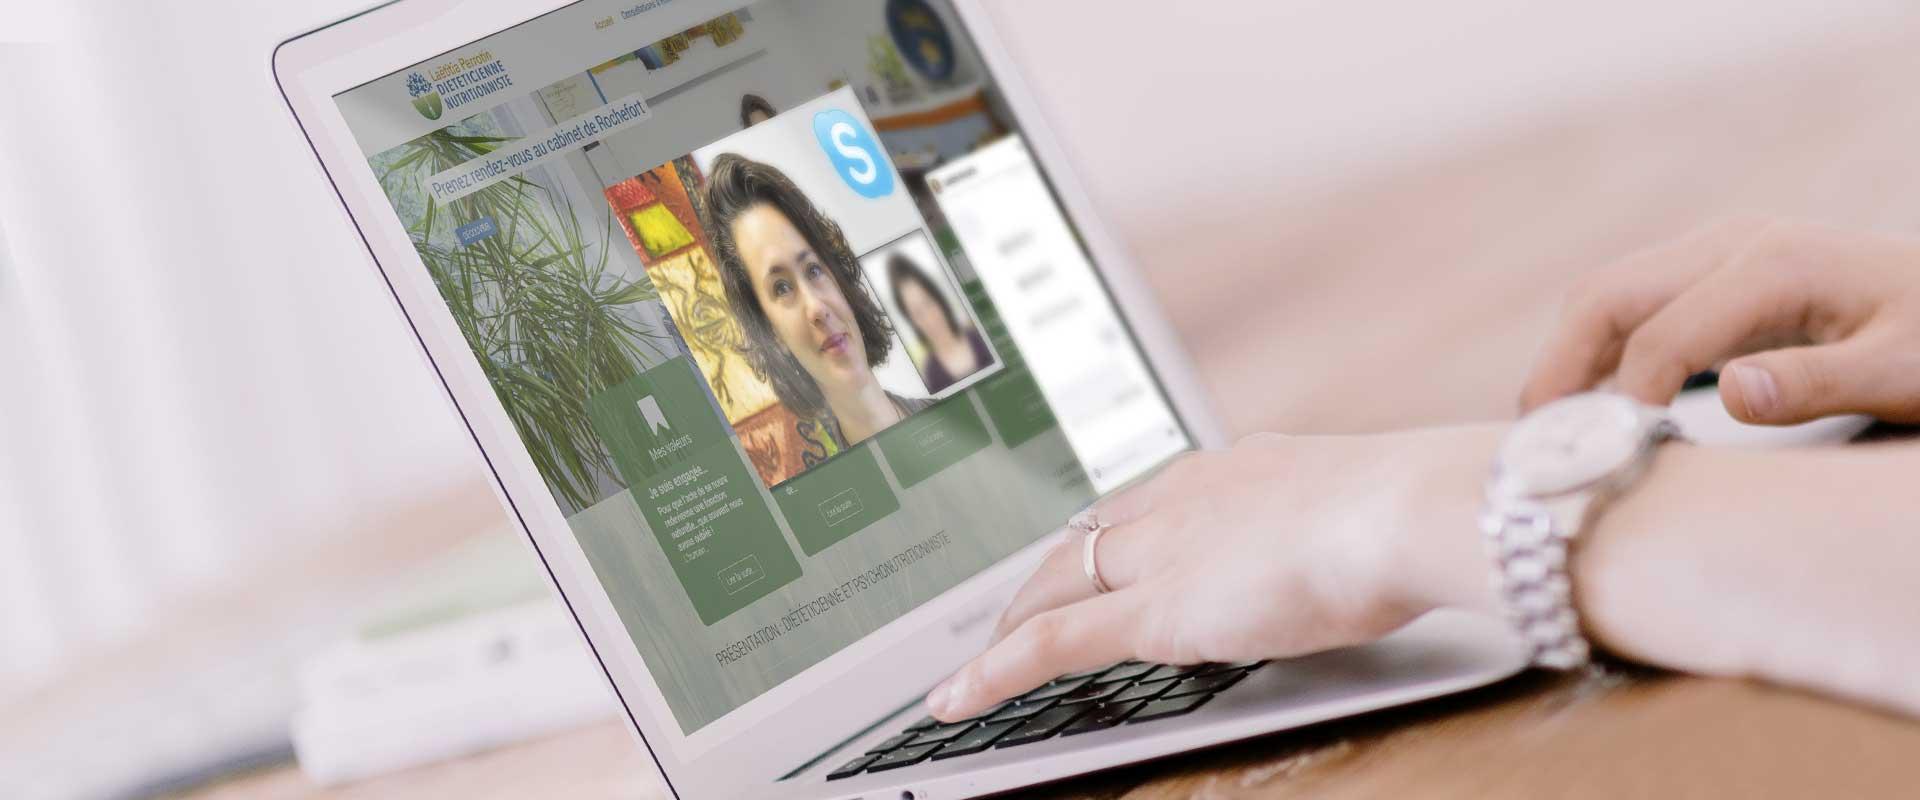 Consultation depuis chez vous avec Skype !